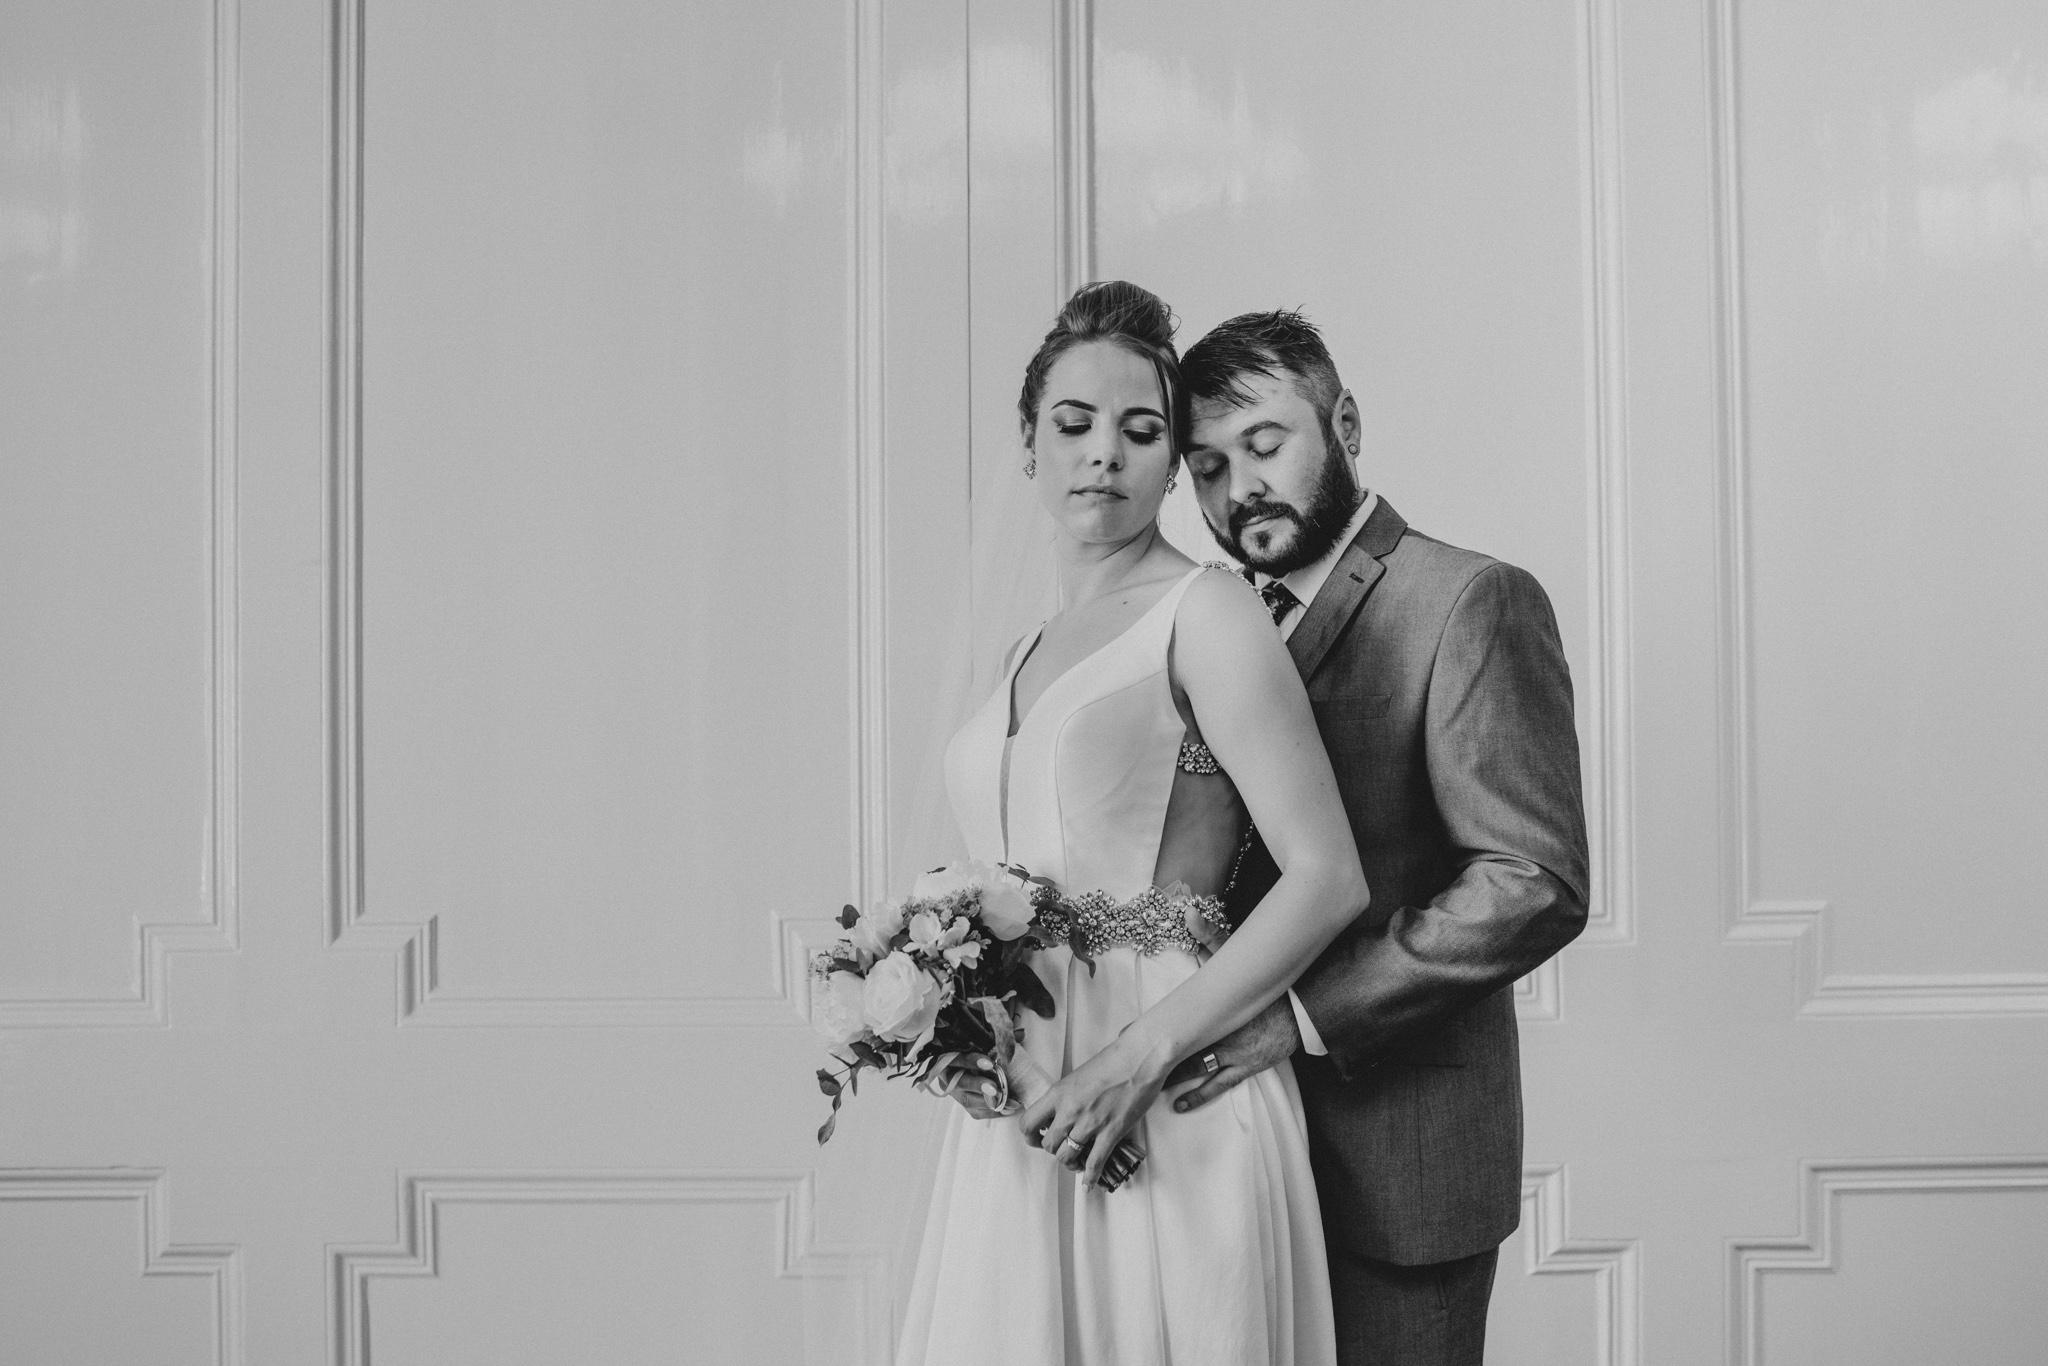 tess-adam-colchester-intimate-elopement-grace-elizabeth-colchester-essex-alternative-wedding-lifestyle-photographer-essex-suffolk-norfolk-devon (13 of 20).jpg